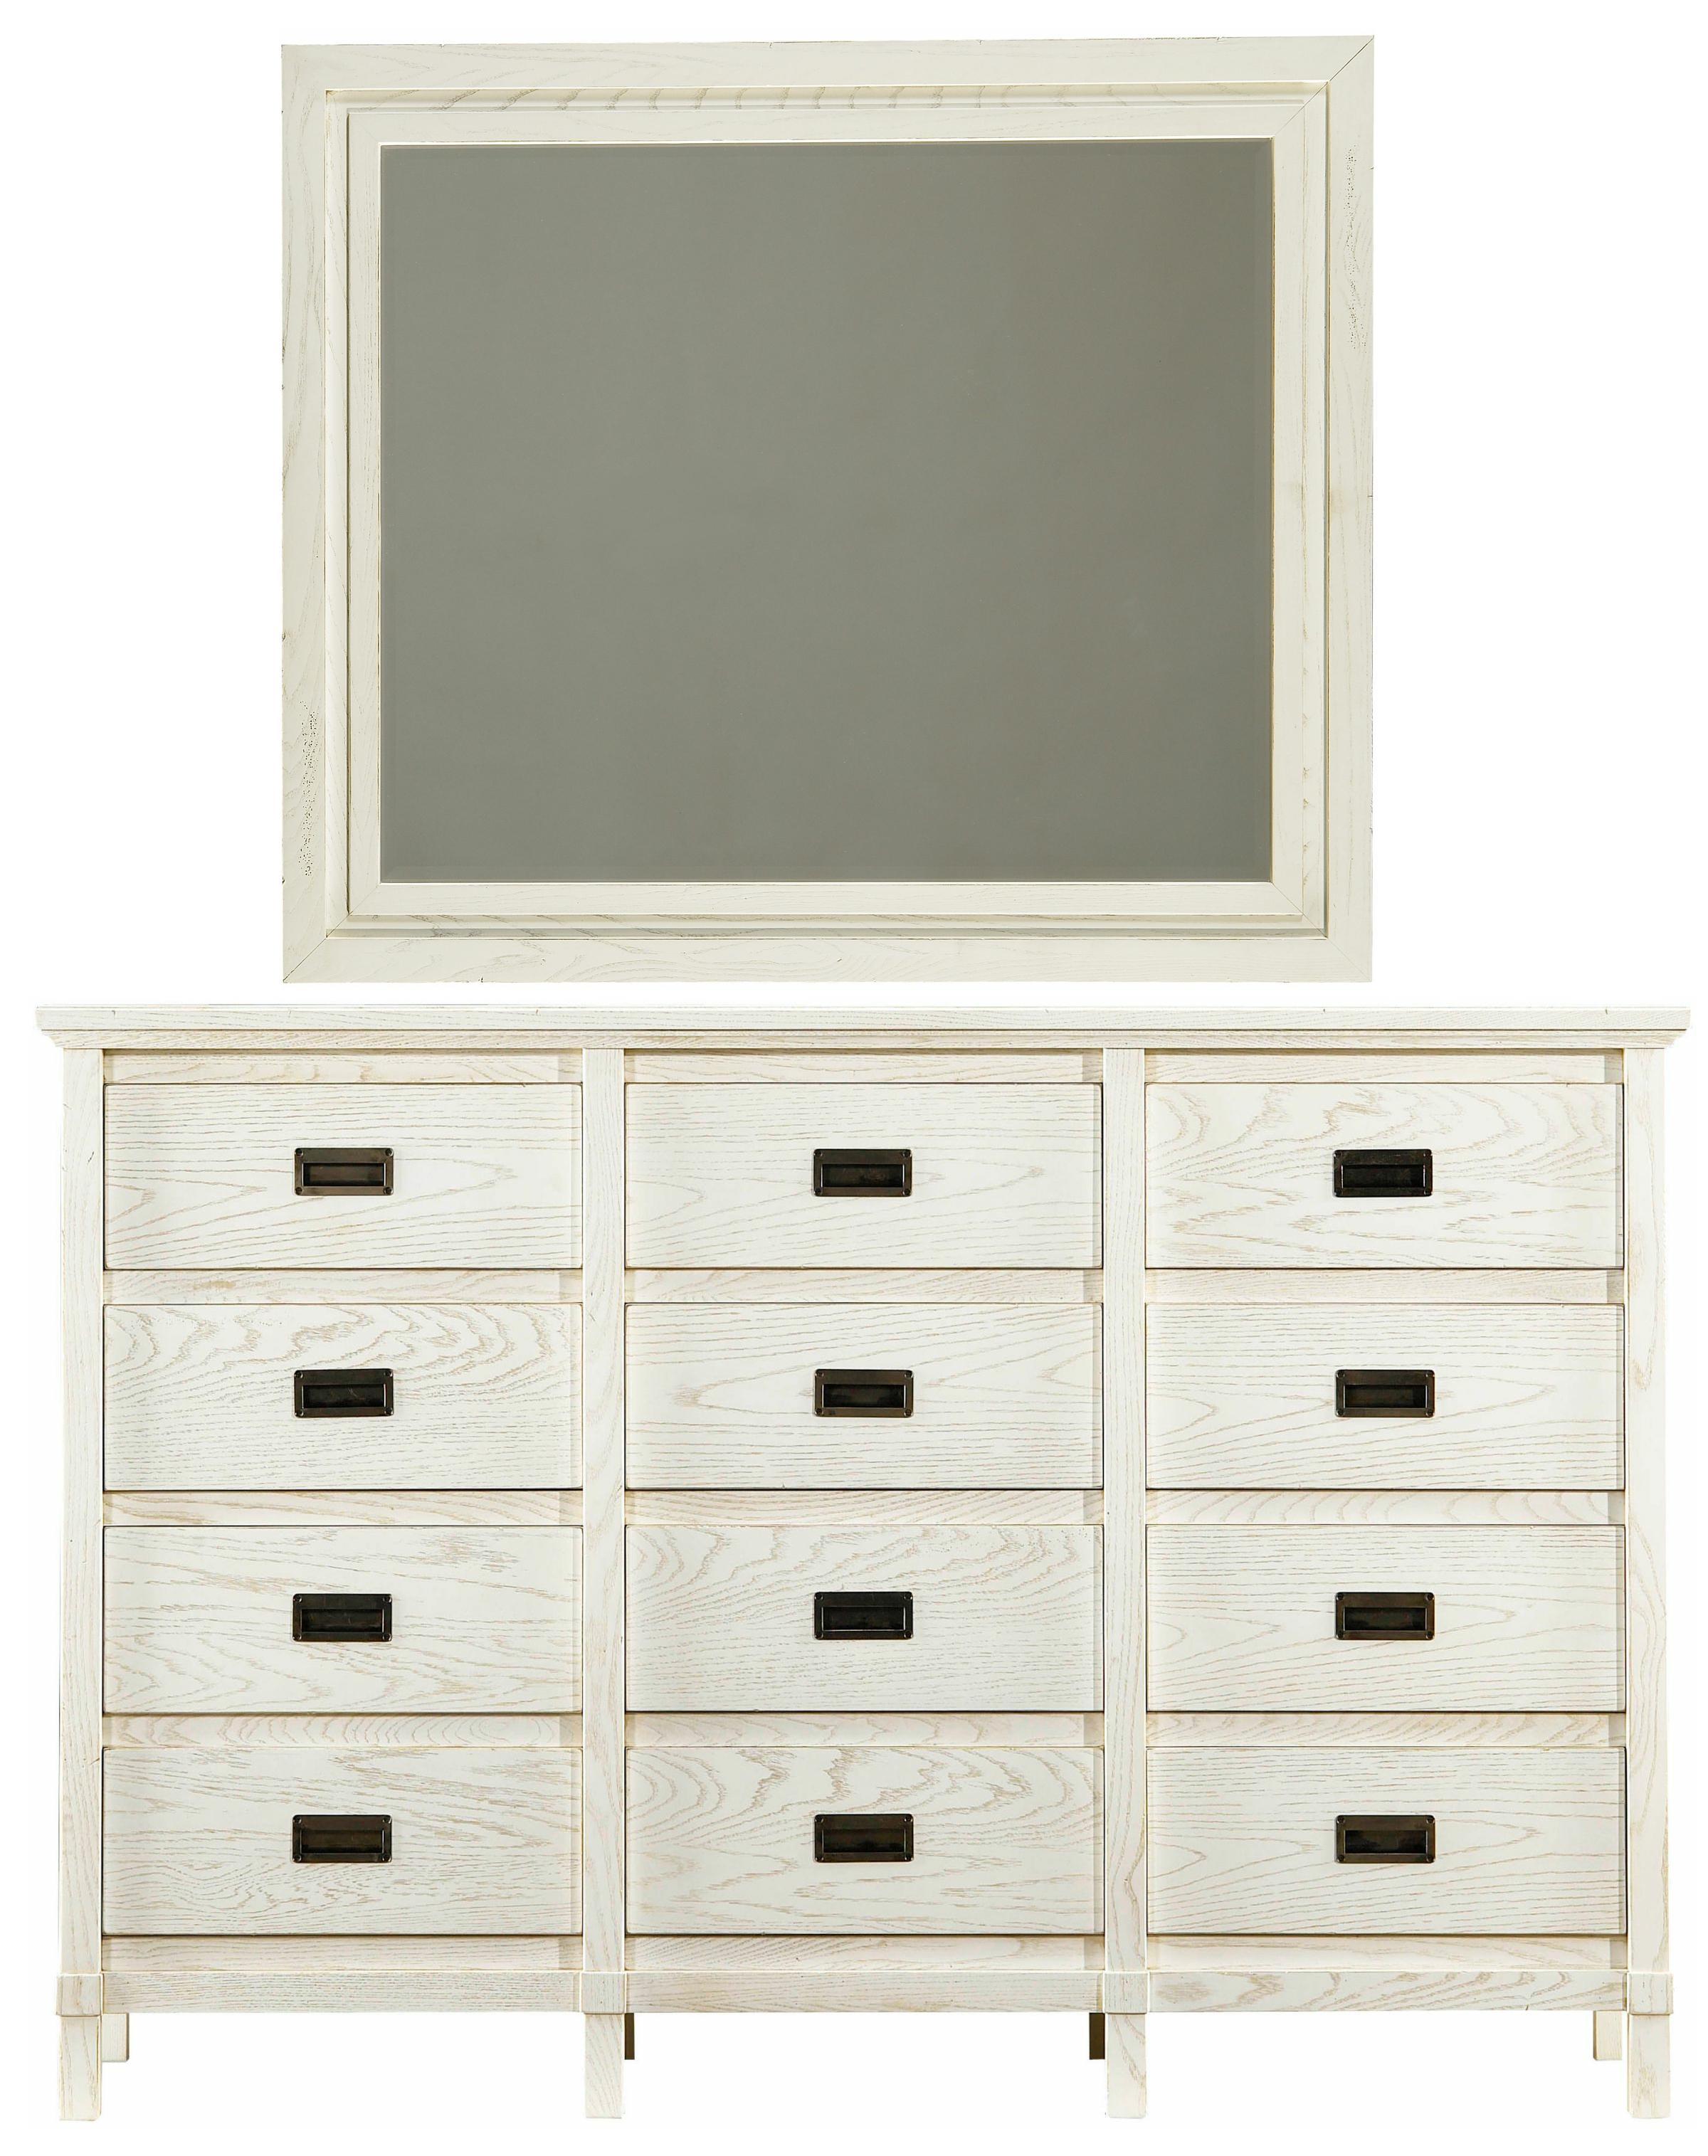 Stanley Furniture Coastal Living Resort Haven's Harbor Dresser & Day's End Mirror - Item Number: 062-A3-05+31